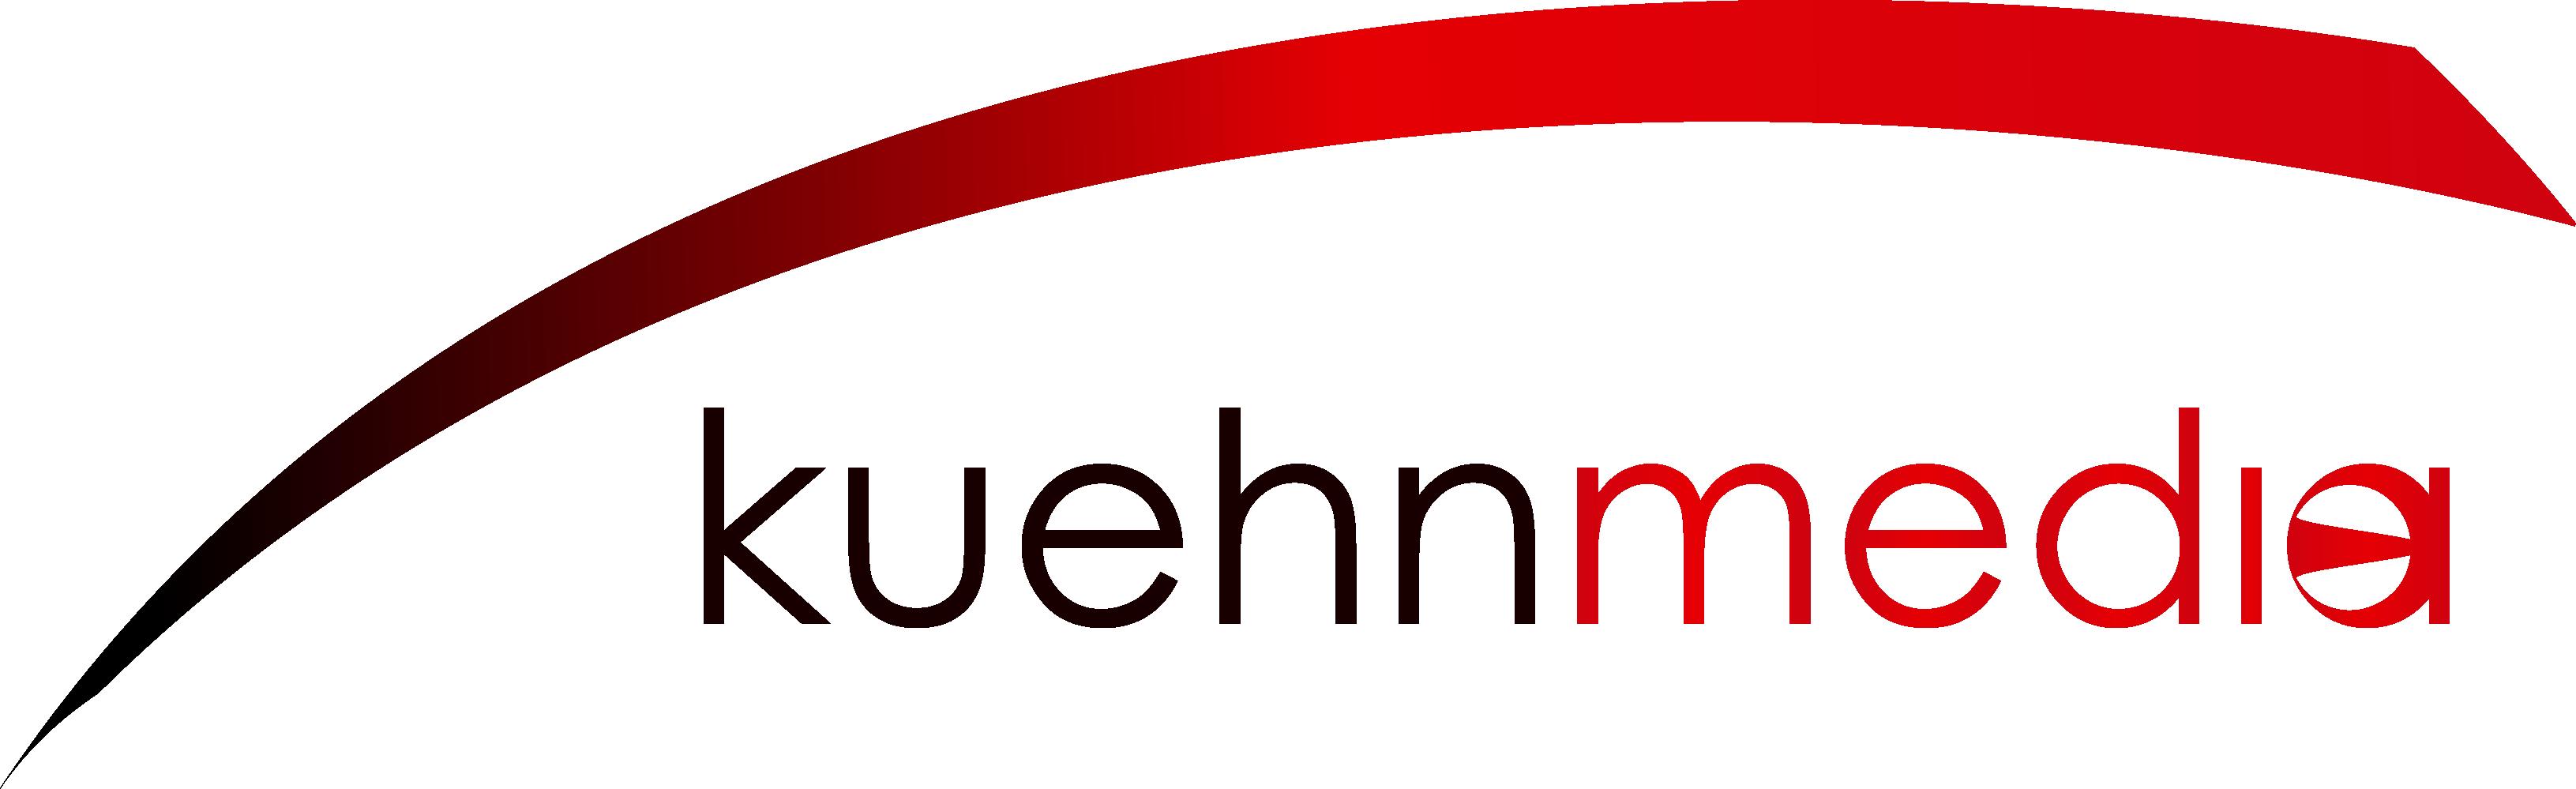 Kuehnmedia